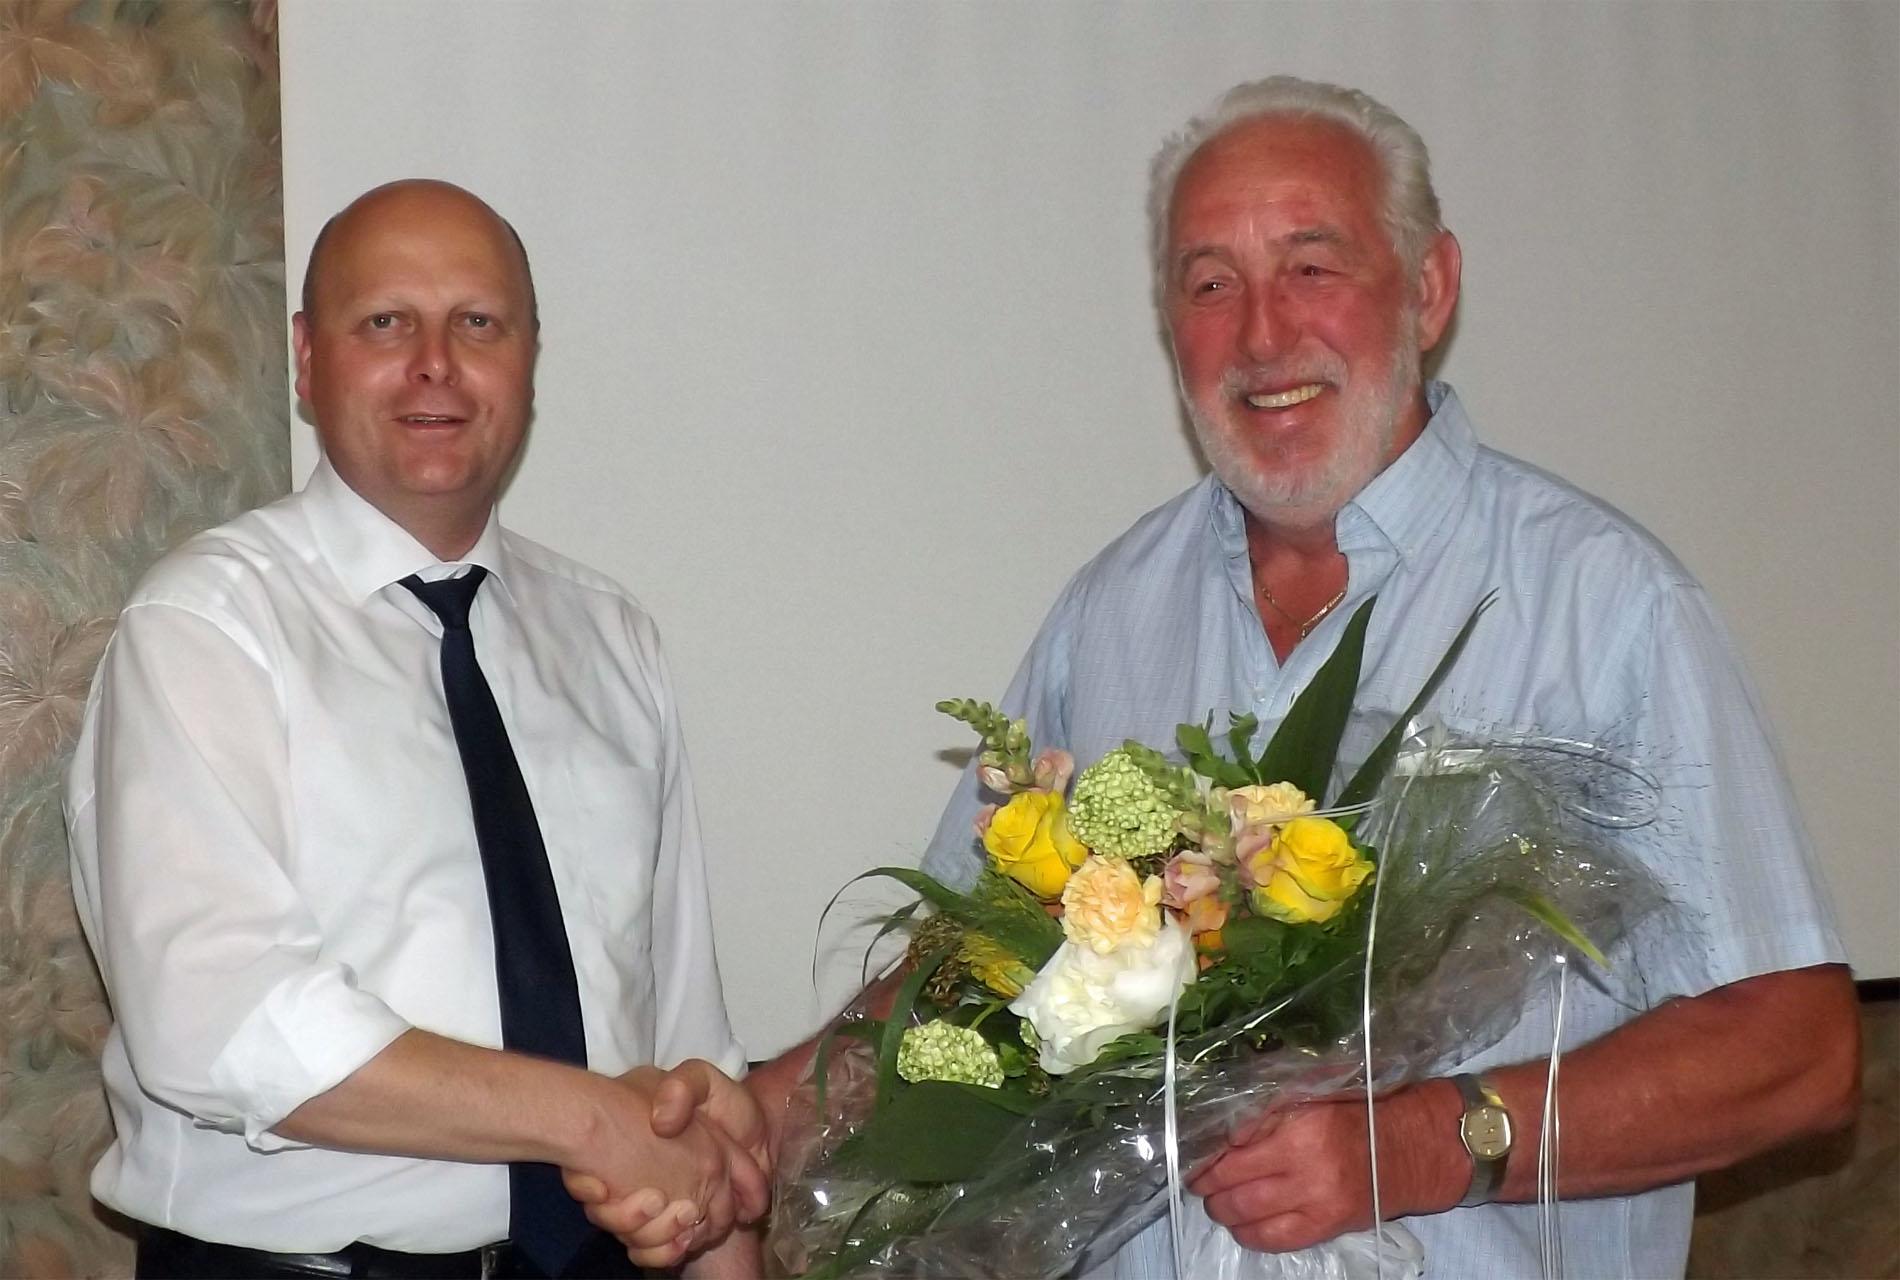 Vorsitzender Manfred Speuser (links) bedankte sich bei Willibert Düster für seine dreieinhalbjährige Unterstützung als Geschäftsführer. (Foto: Willi Schlößer)